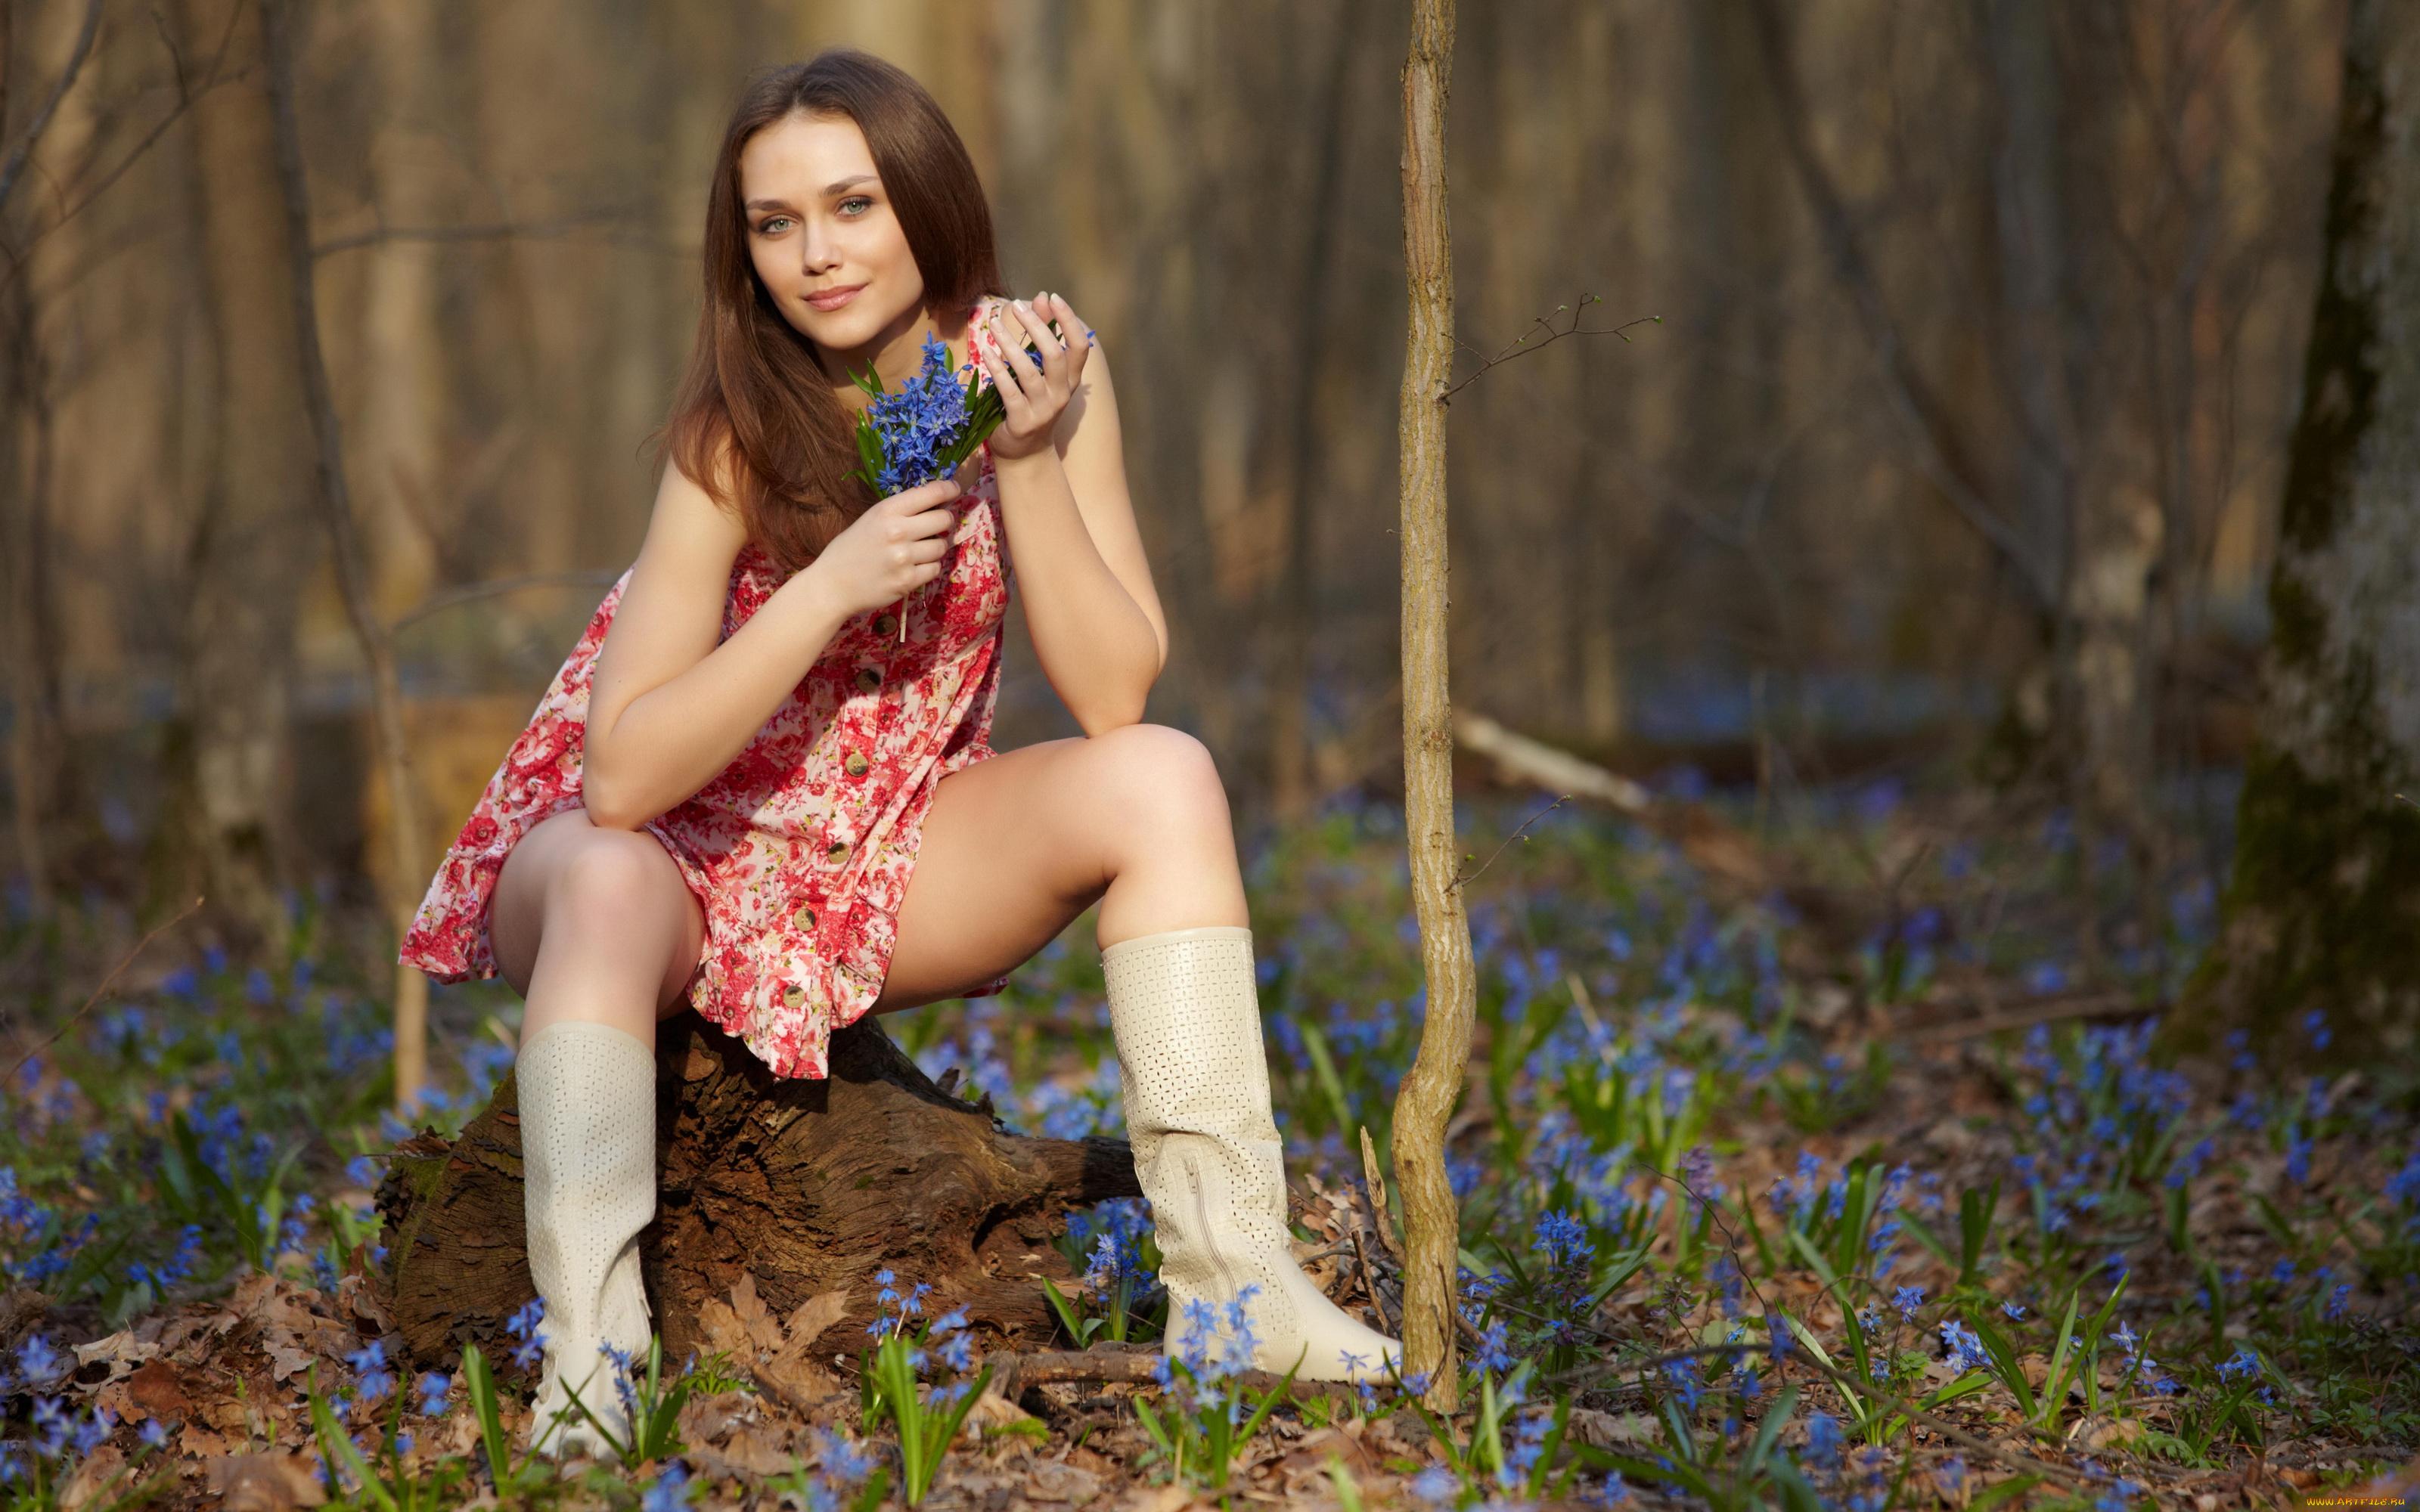 Пор фото в лесу — 10